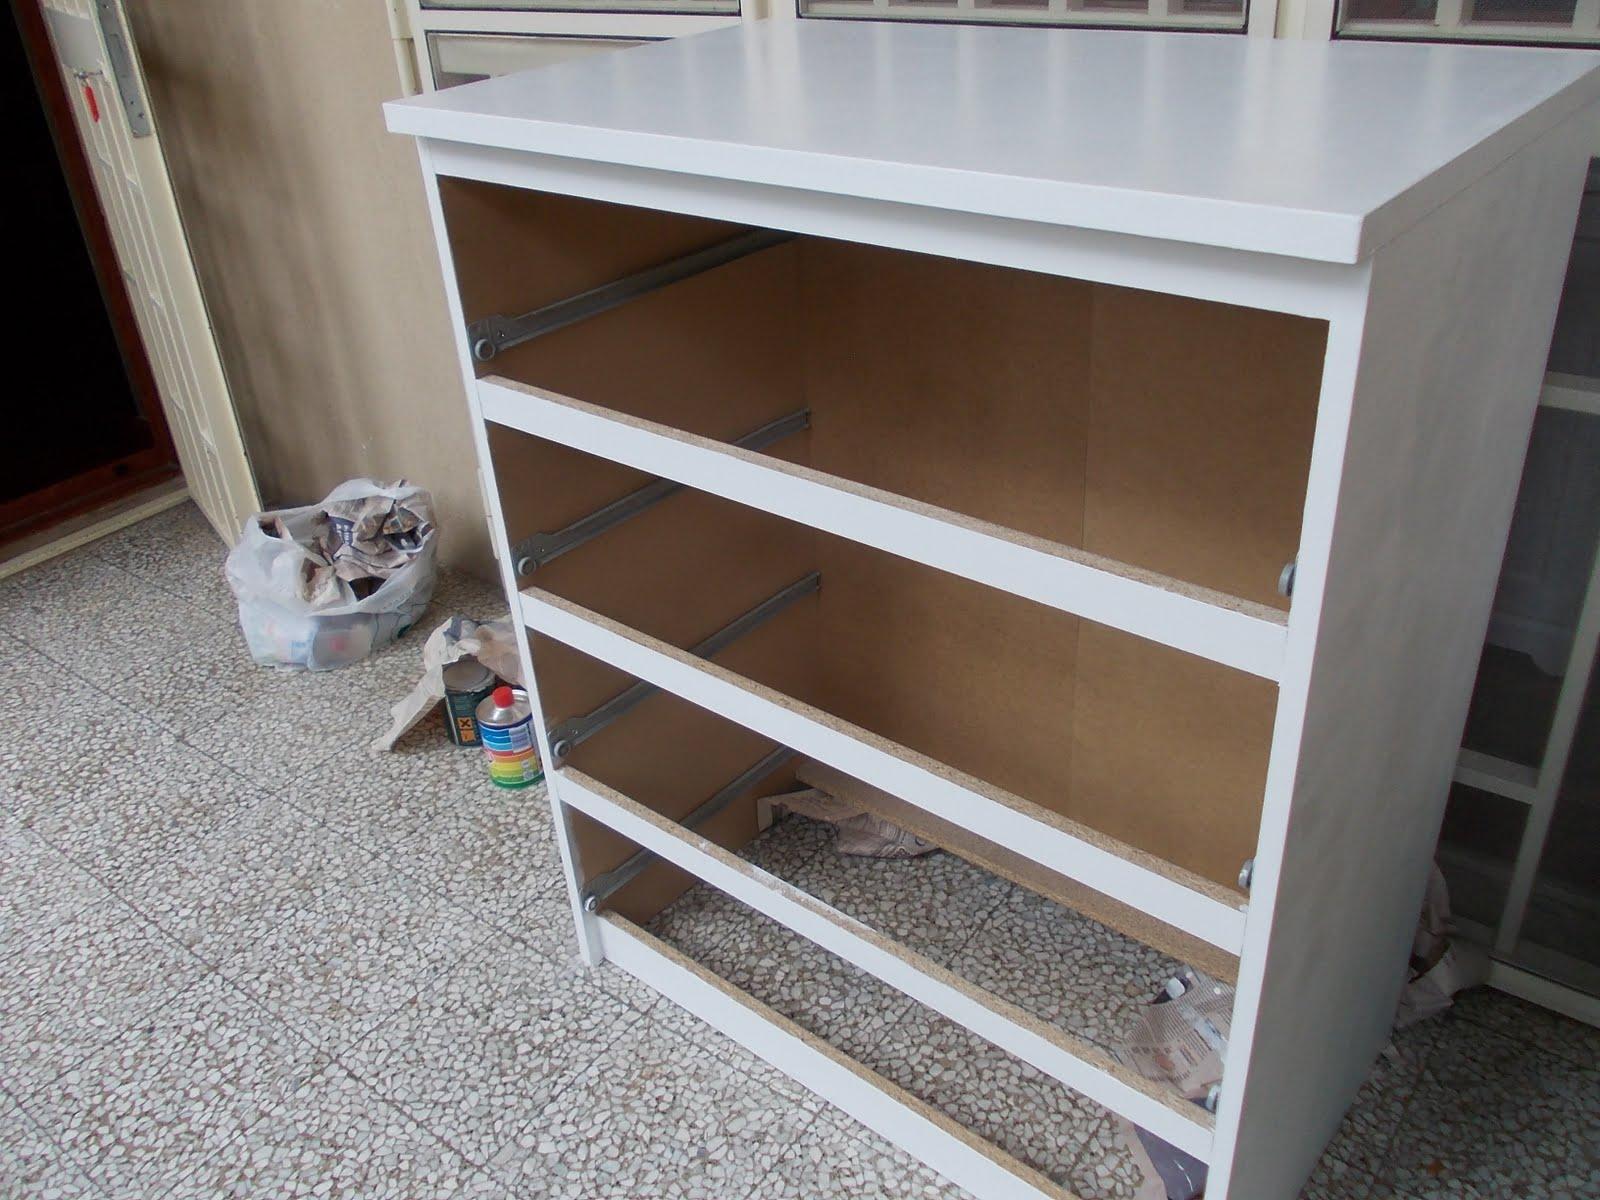 Cassettiera Ikea Malm Bianca.In Pigiama Rinnovare Un Cassettone Ikea Malm How To Renew Ikea